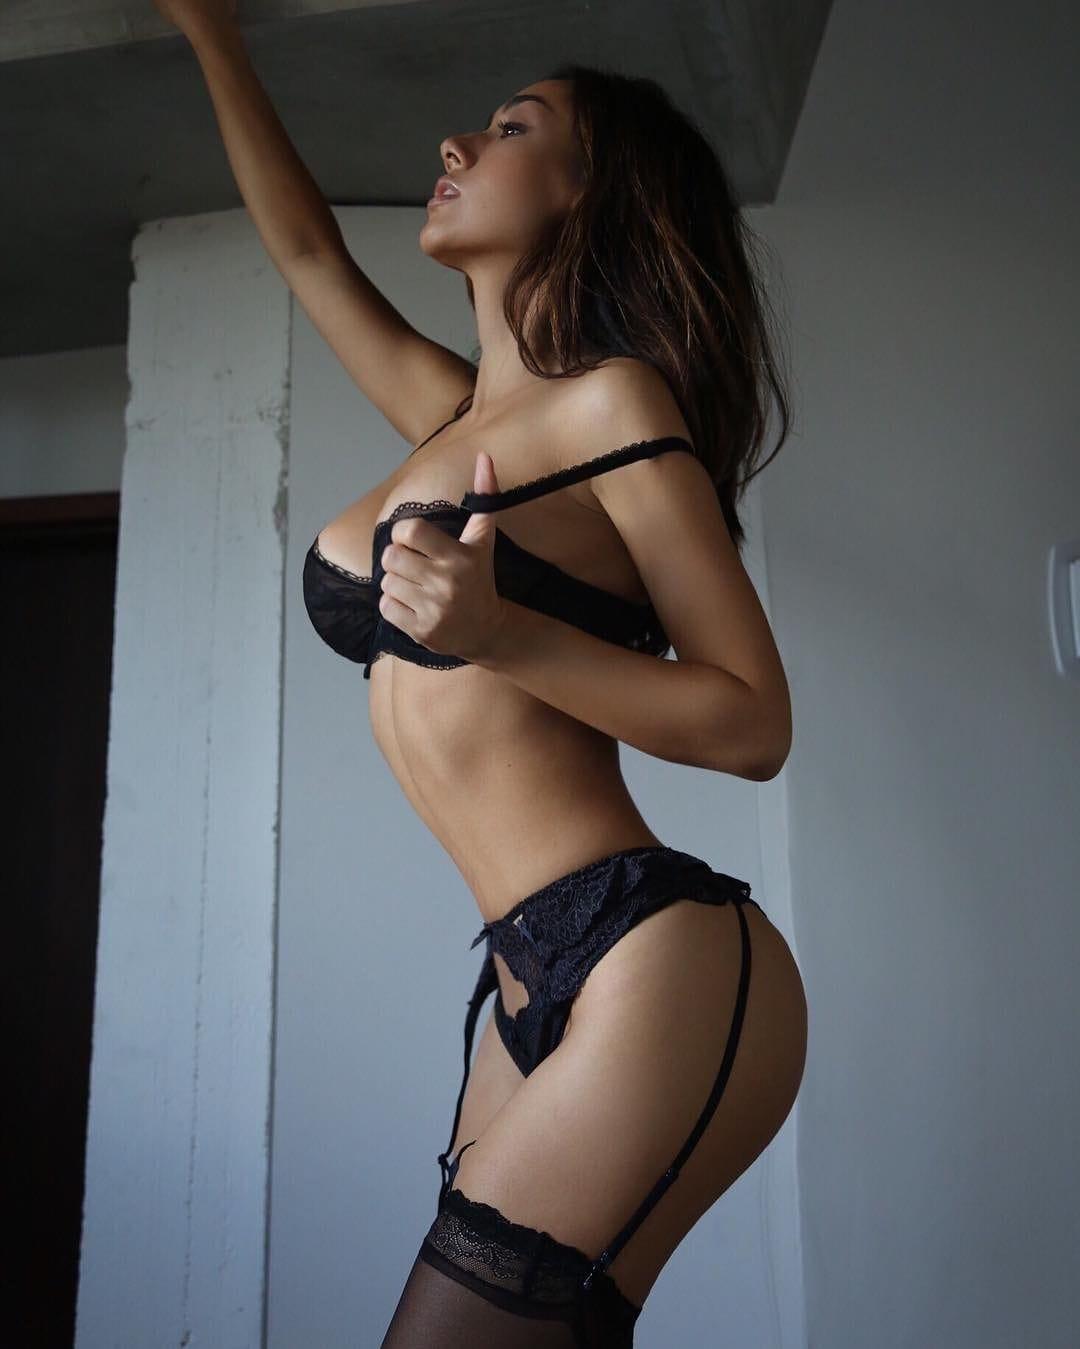 Julia Misaki en lingerie